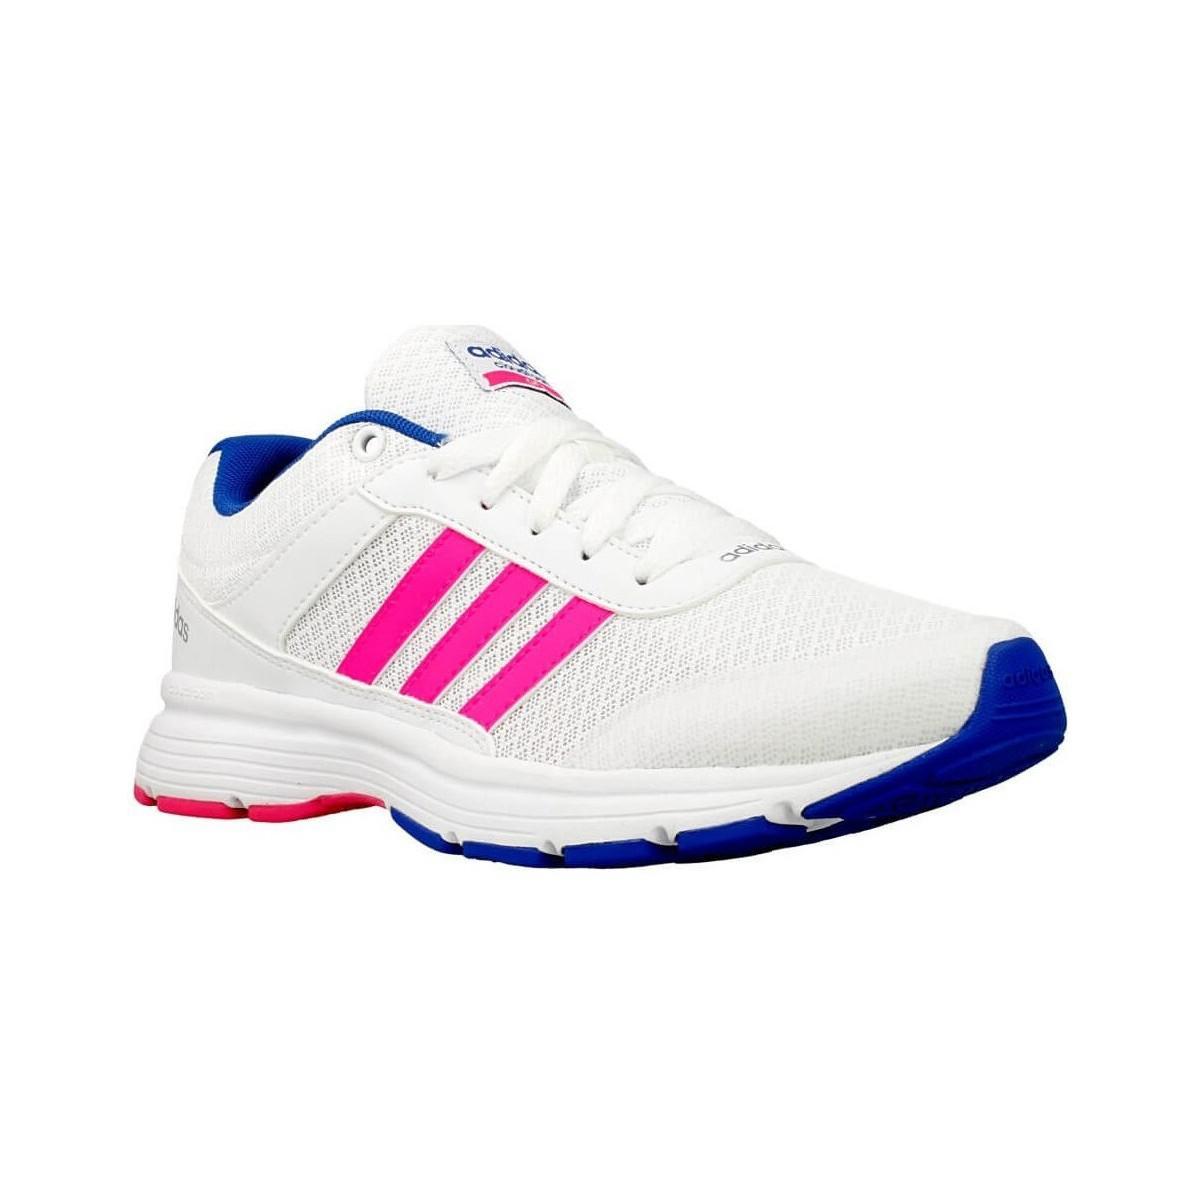 Adidas cloudfoam vs ciudad W zapatos de mujer (entrenadores) de rosa en rosa